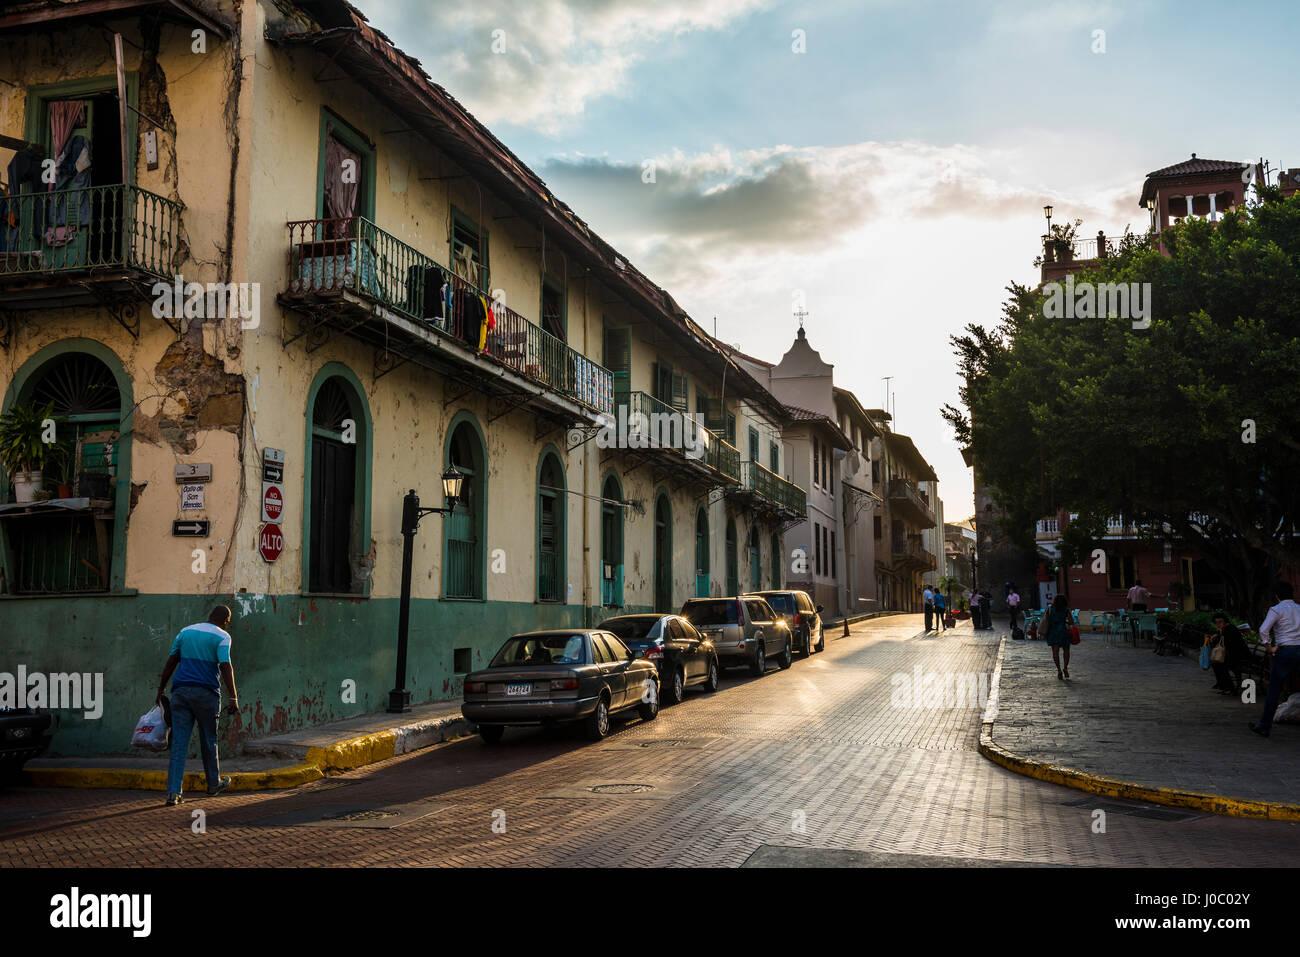 Scena di strada, Casco Viejo, Sito Patrimonio Mondiale dell'UNESCO, Panama City, Panama America Centrale Immagini Stock